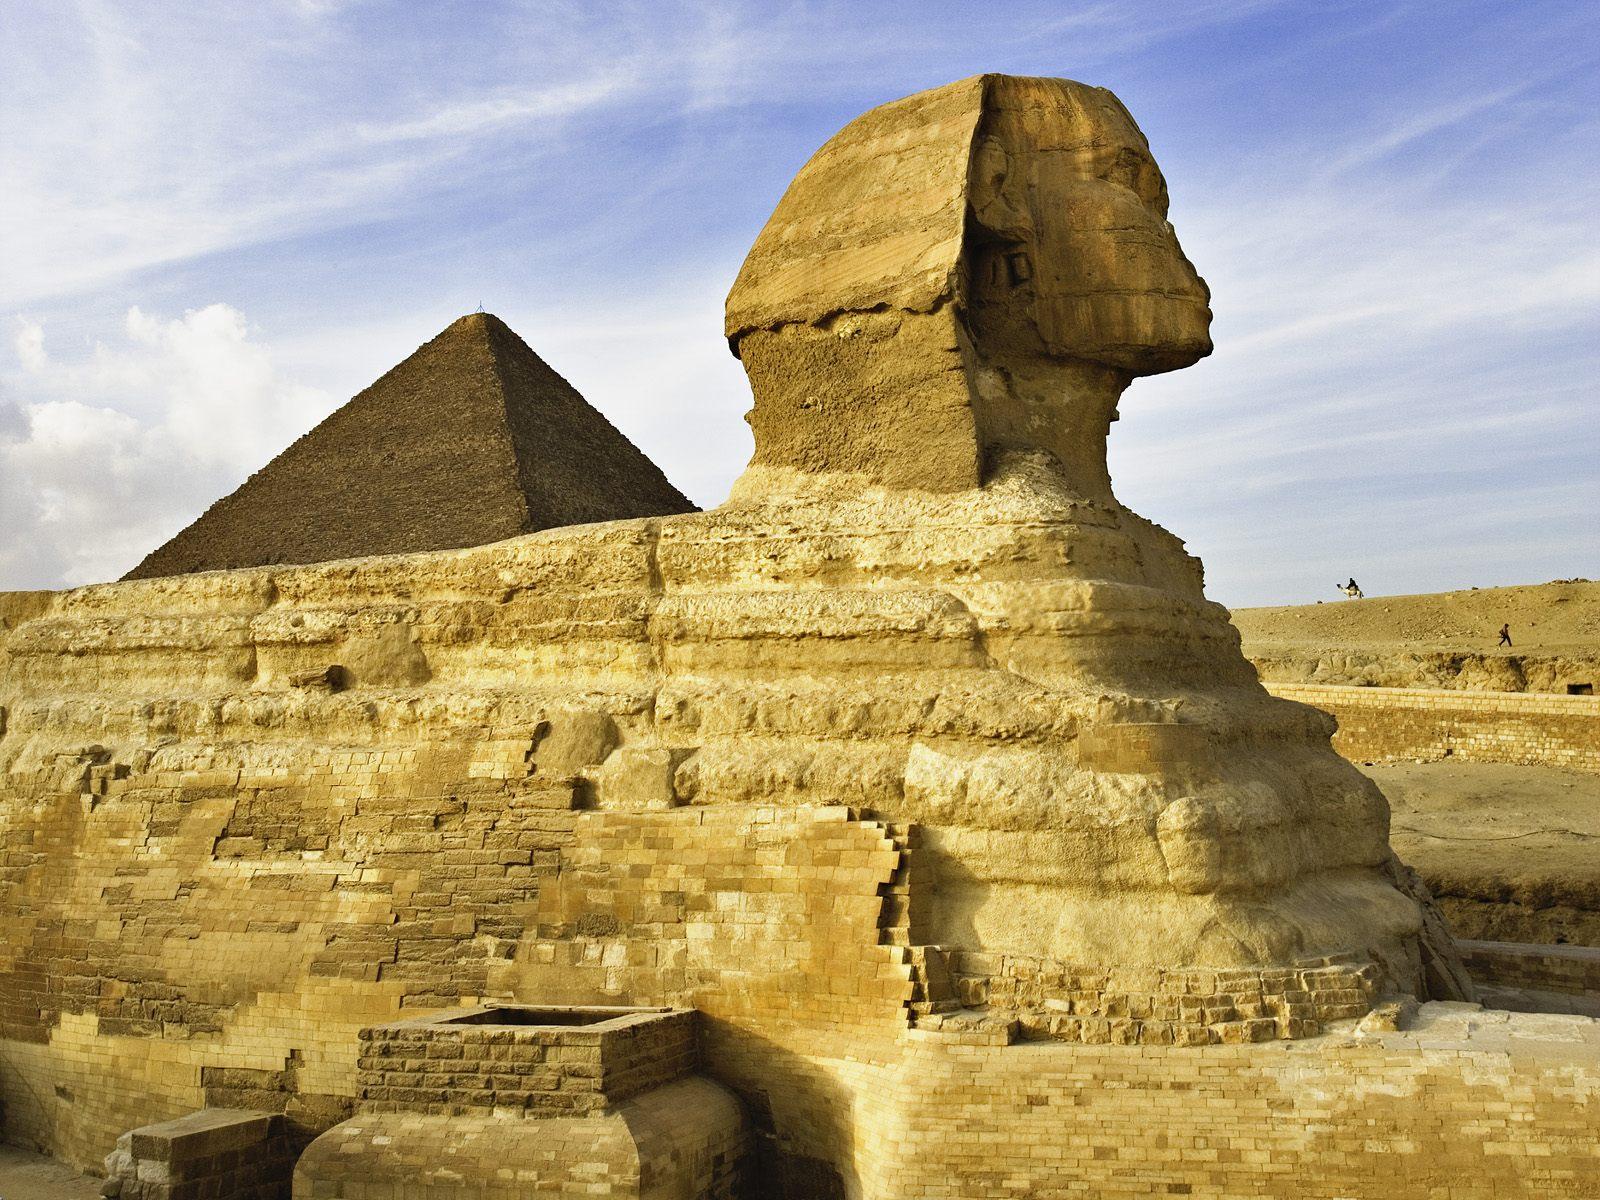 Интересное. Вокруг Света,Египет. альбоме, Фотографии, «Вокруг, СветаЕгипет», ЯндексФоткахltmore, dodjik007, подборка, очередная, ФараоныдромадерыСахаравсё, здравствуйте, Египте, удивительной, будет, стране, привет